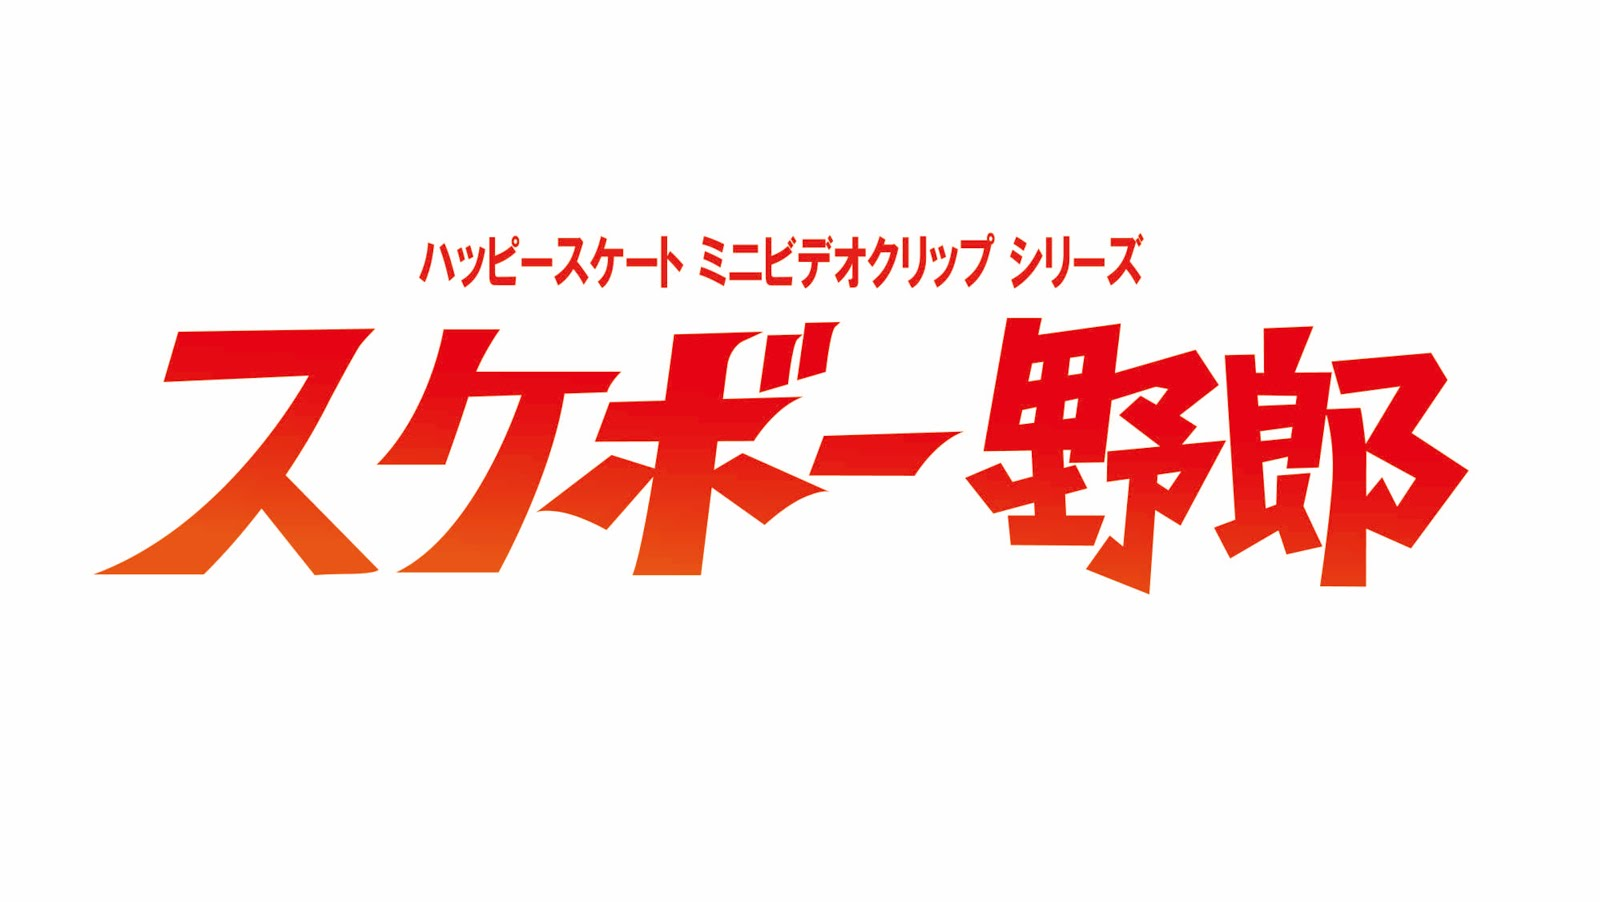 スケボー野郎(happyskateロゴTシャツコマーシャル)